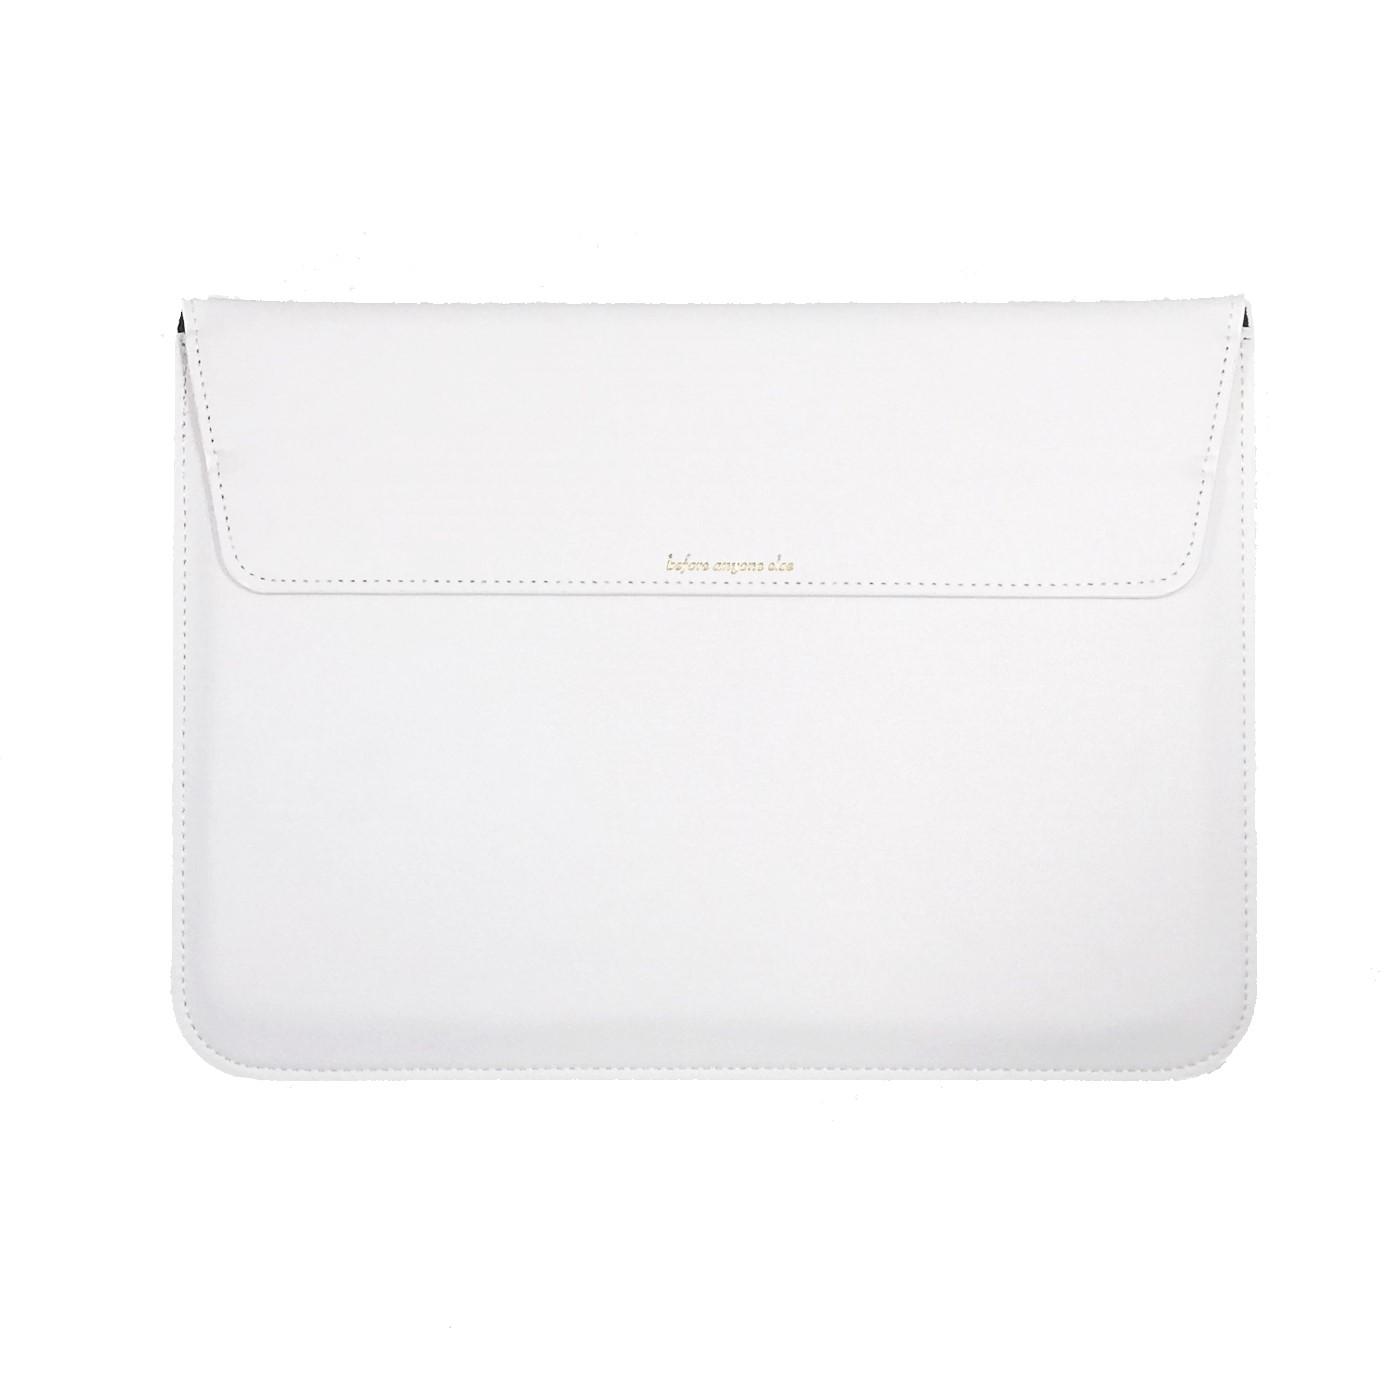 삼성 갤럭시북 / 플렉스 이온 S / LG 그램 / 맥북 호환 노트북 슬리브 파우치, 화이트